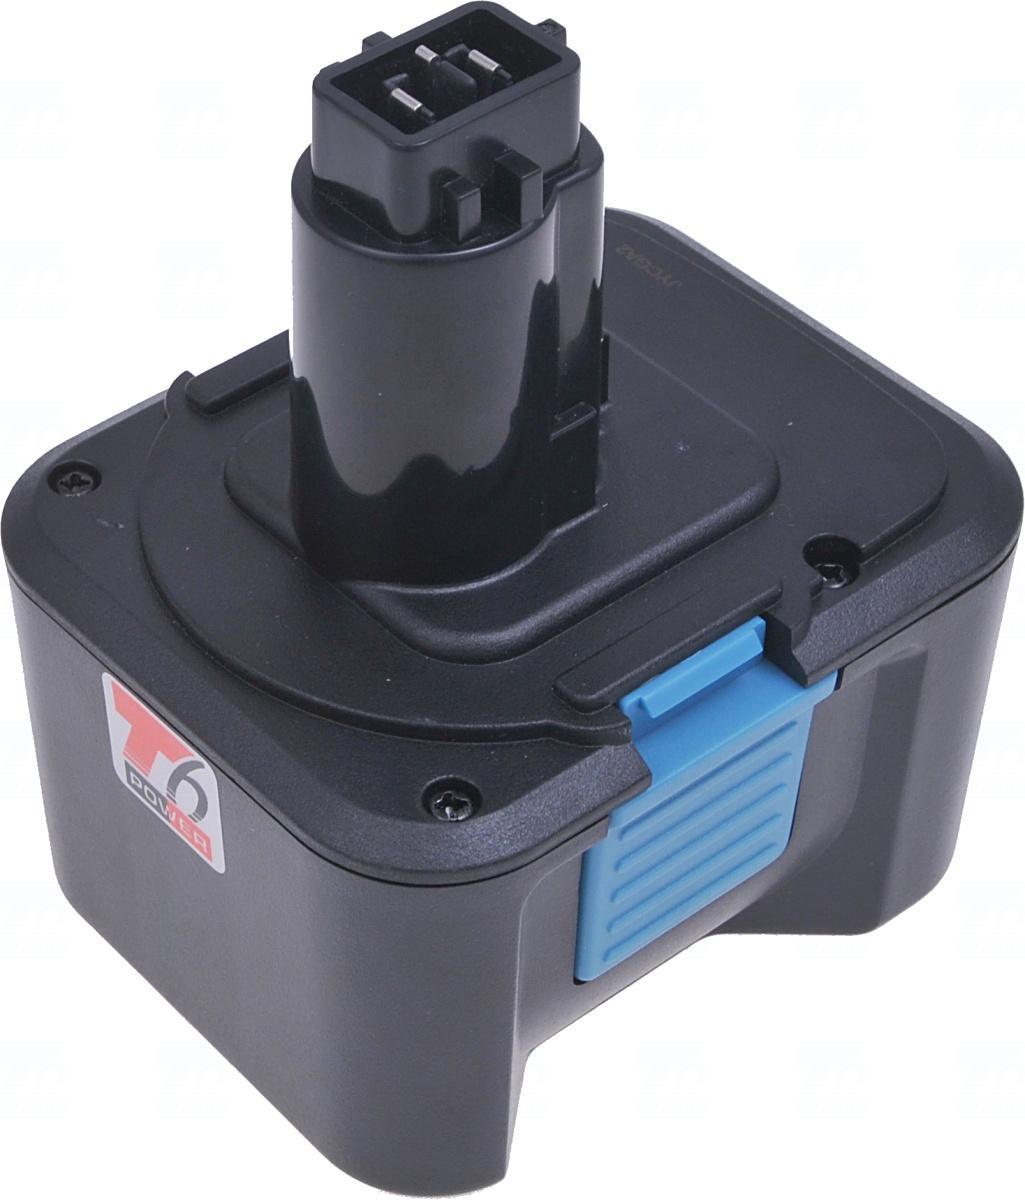 Baterie T6 power DE9140, DC9144, DE9141, Li-ion